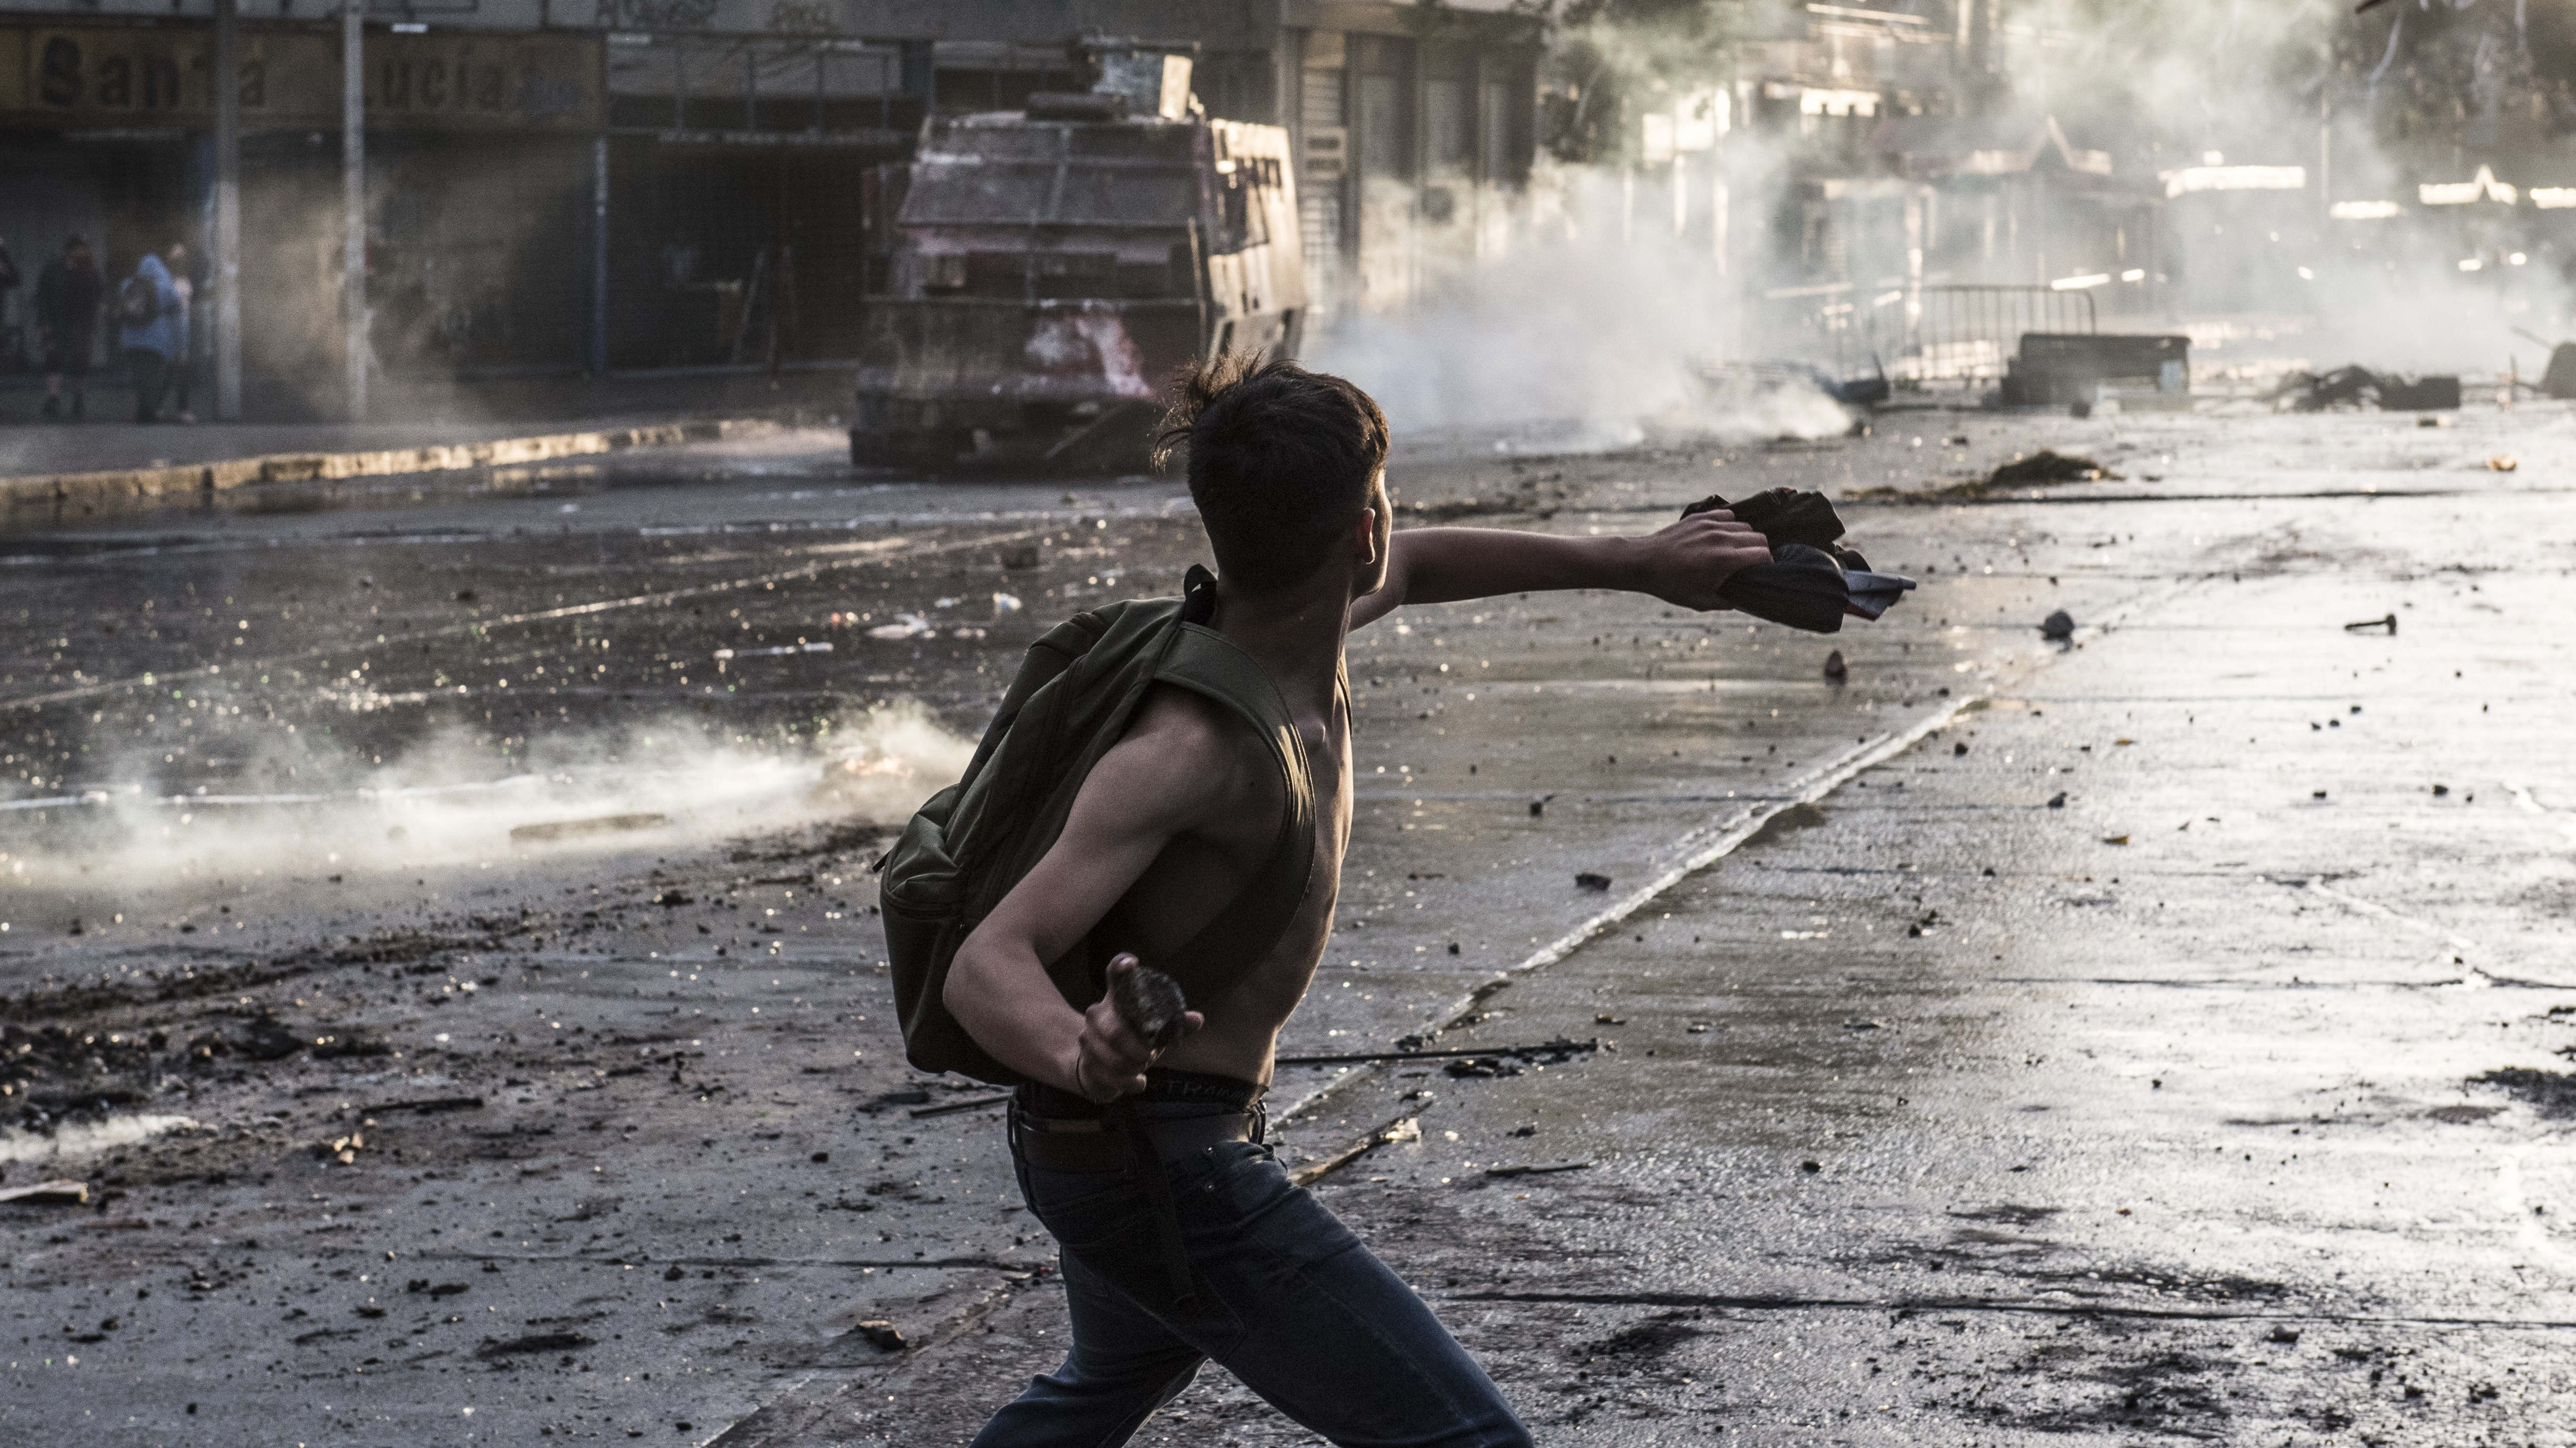 Ein junger Mann holt aus, um einen Stein zu werfen.